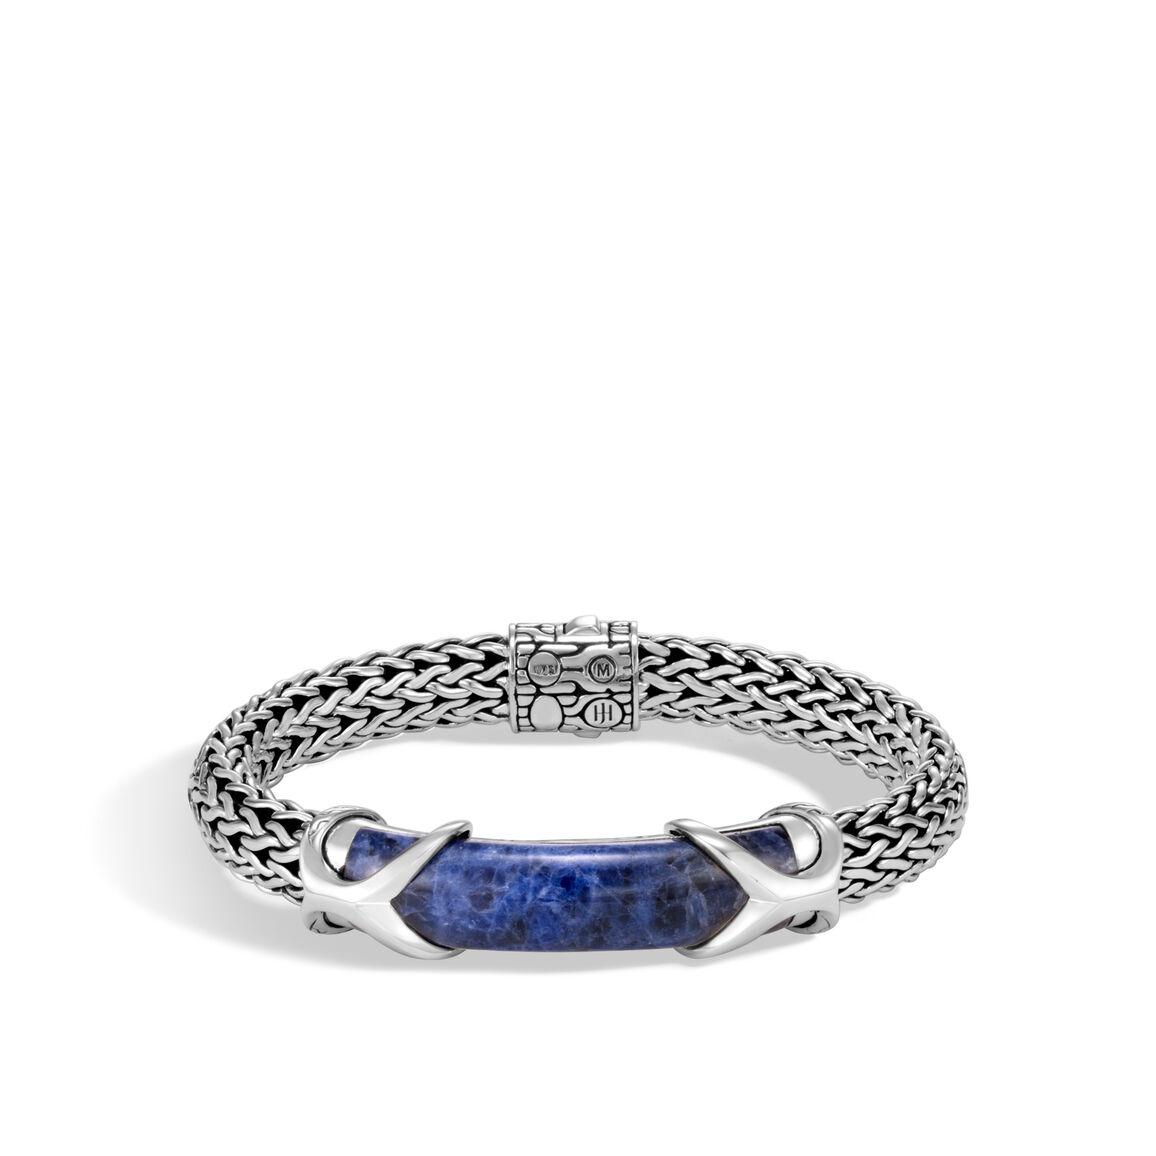 Asli Classic Chain Link 10.5MM Station Bracelet, Silver, Gem